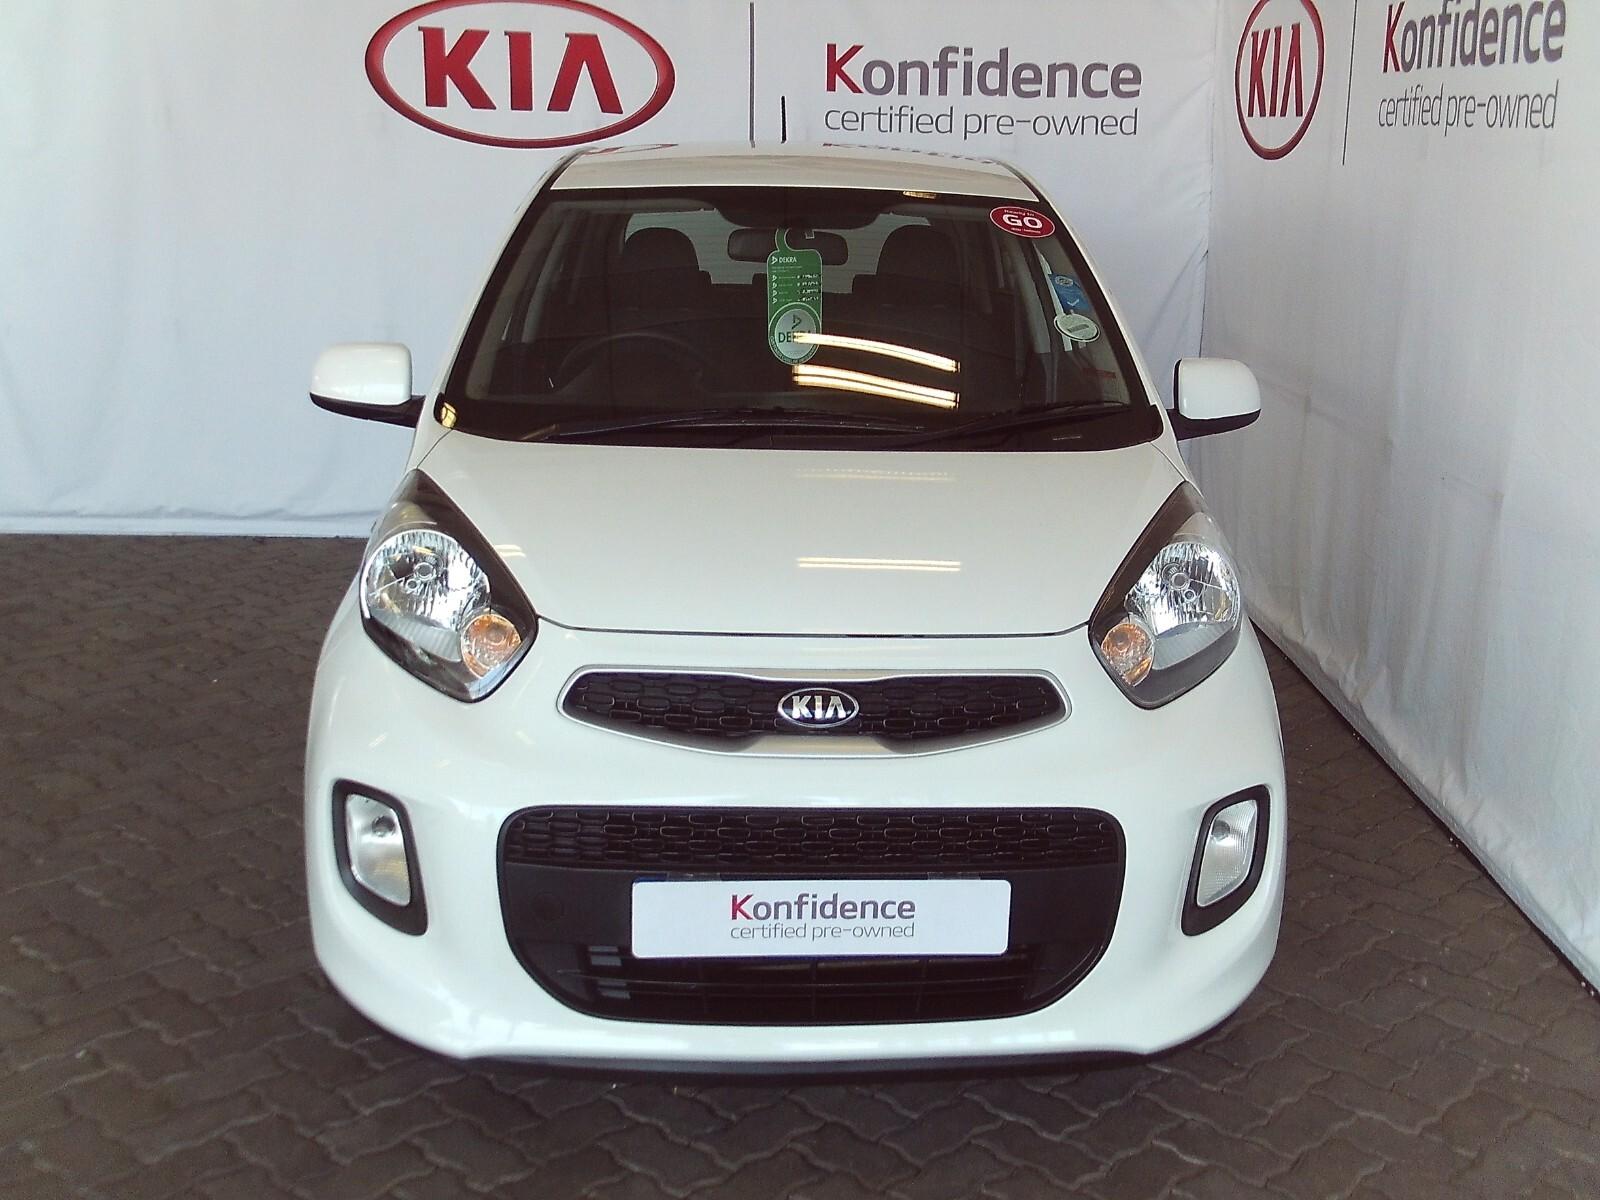 KIA 1.0 LX Pretoria 1332305